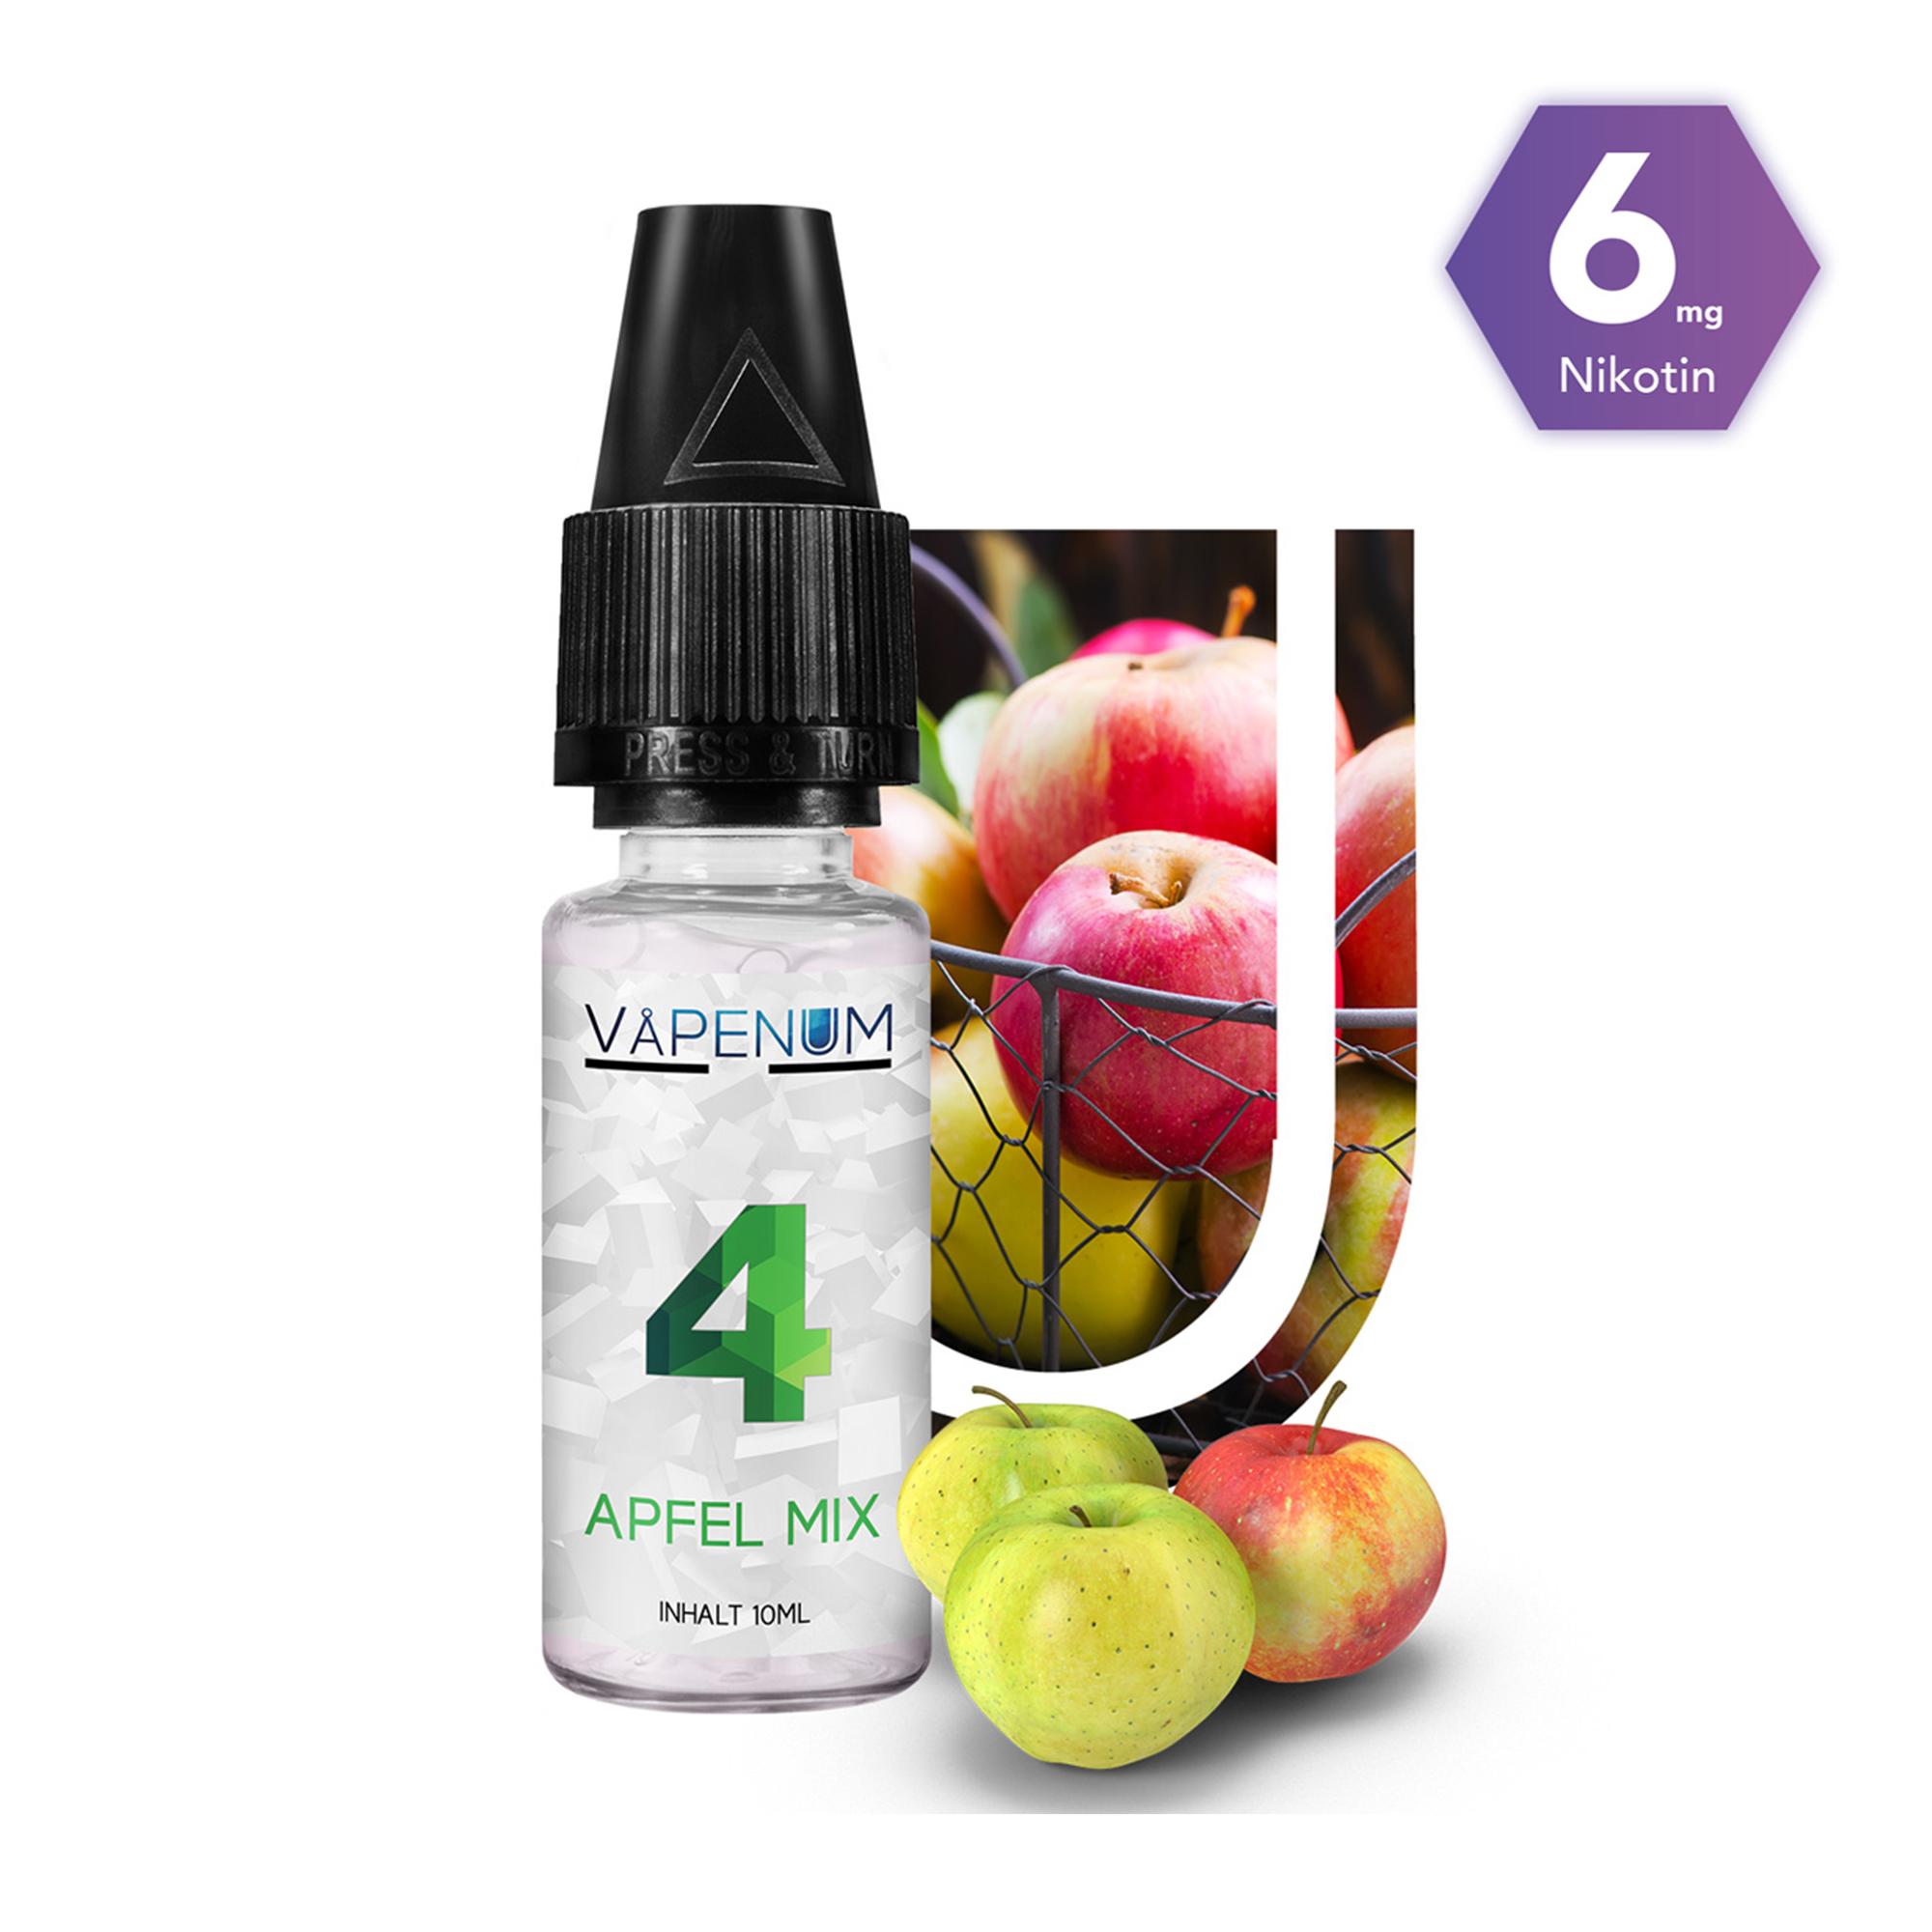 4 - Apfel Mix  Liquid by Vapenum